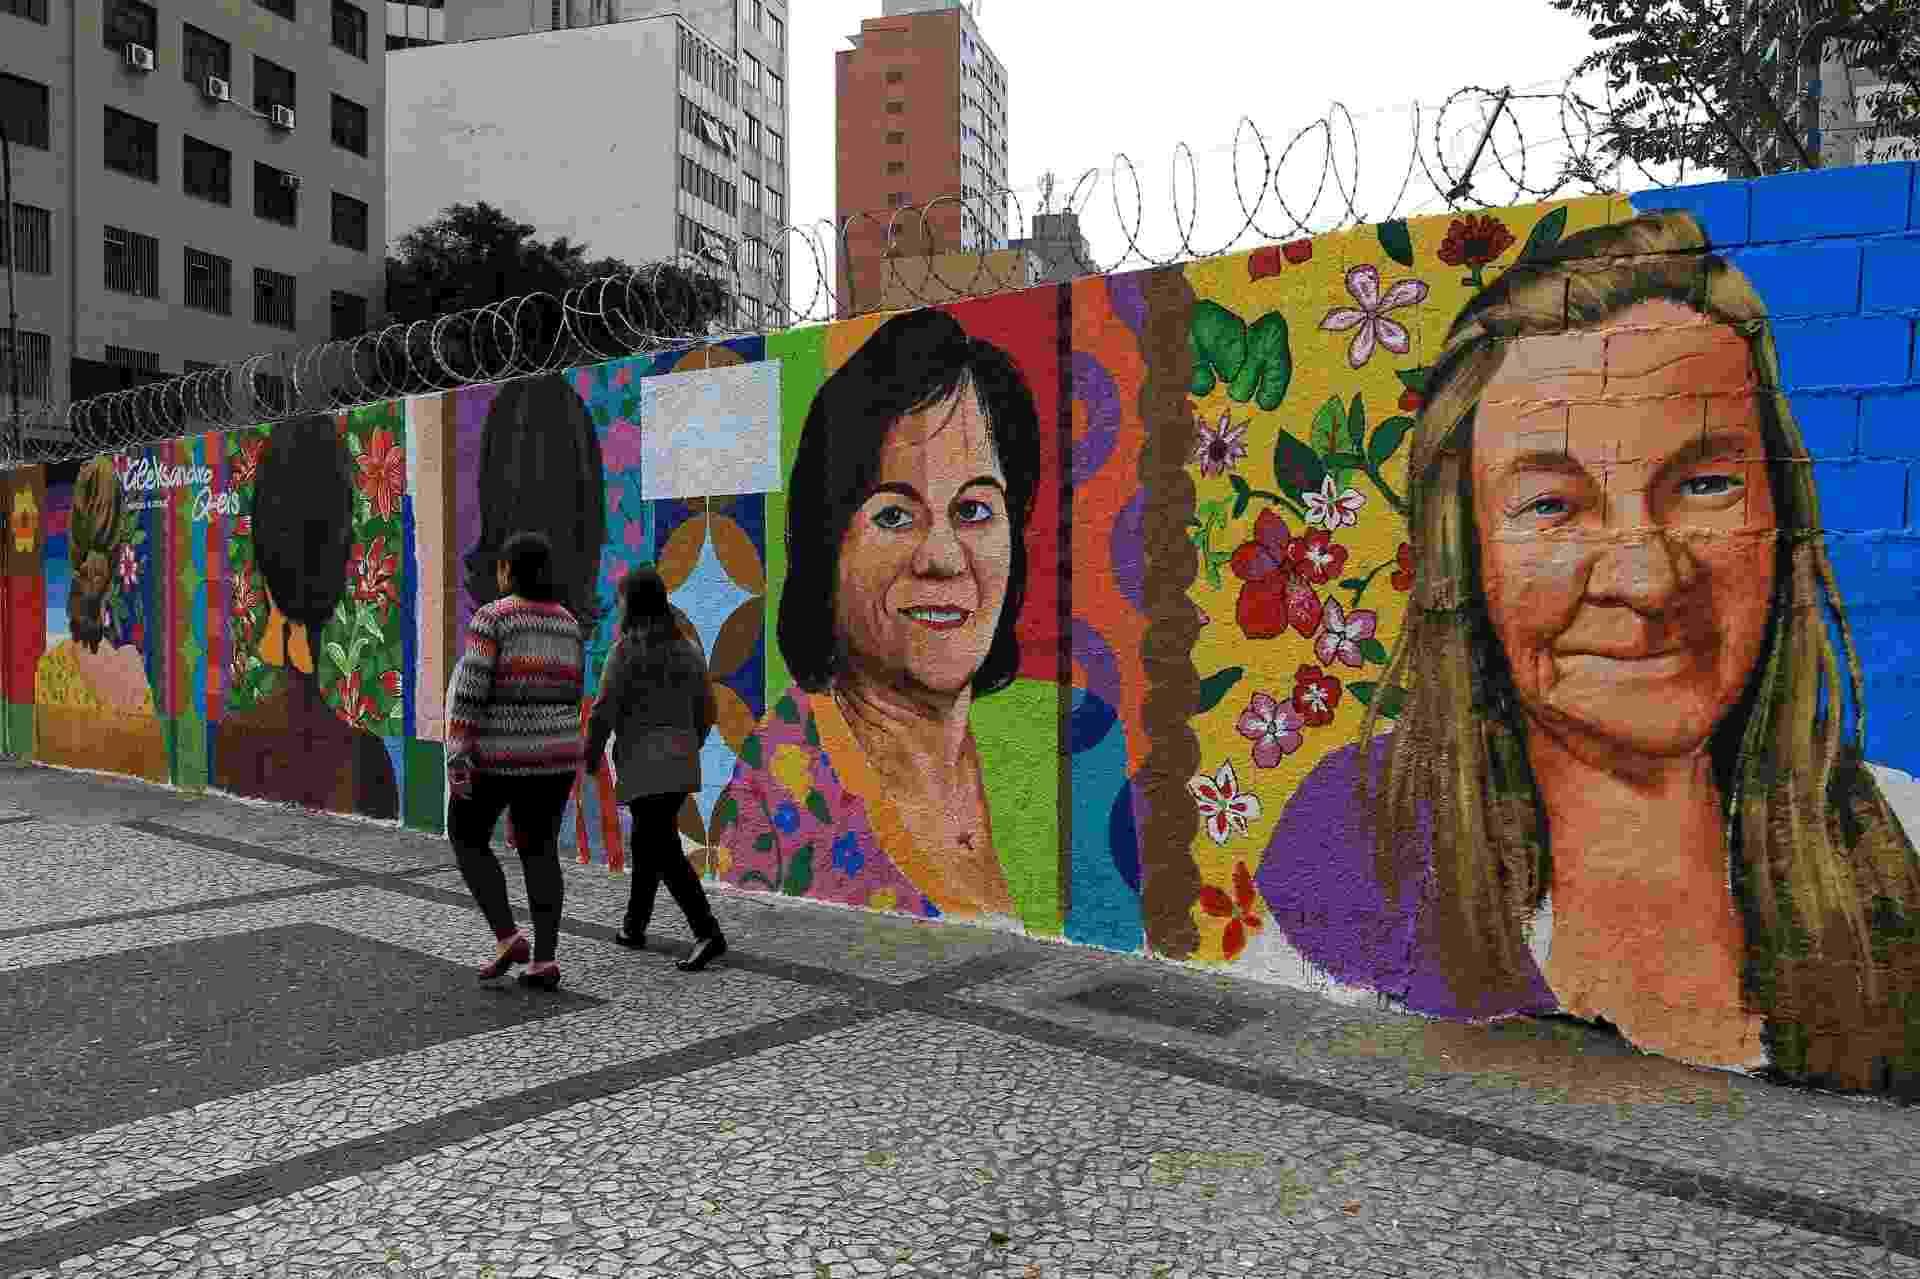 9.ago.2016 - Grafite em homenagem aos dez anos da Lei Maria da Penha é inaugurado no centro de São Paulo - Hélvio Romero/Estadão Conteúdo